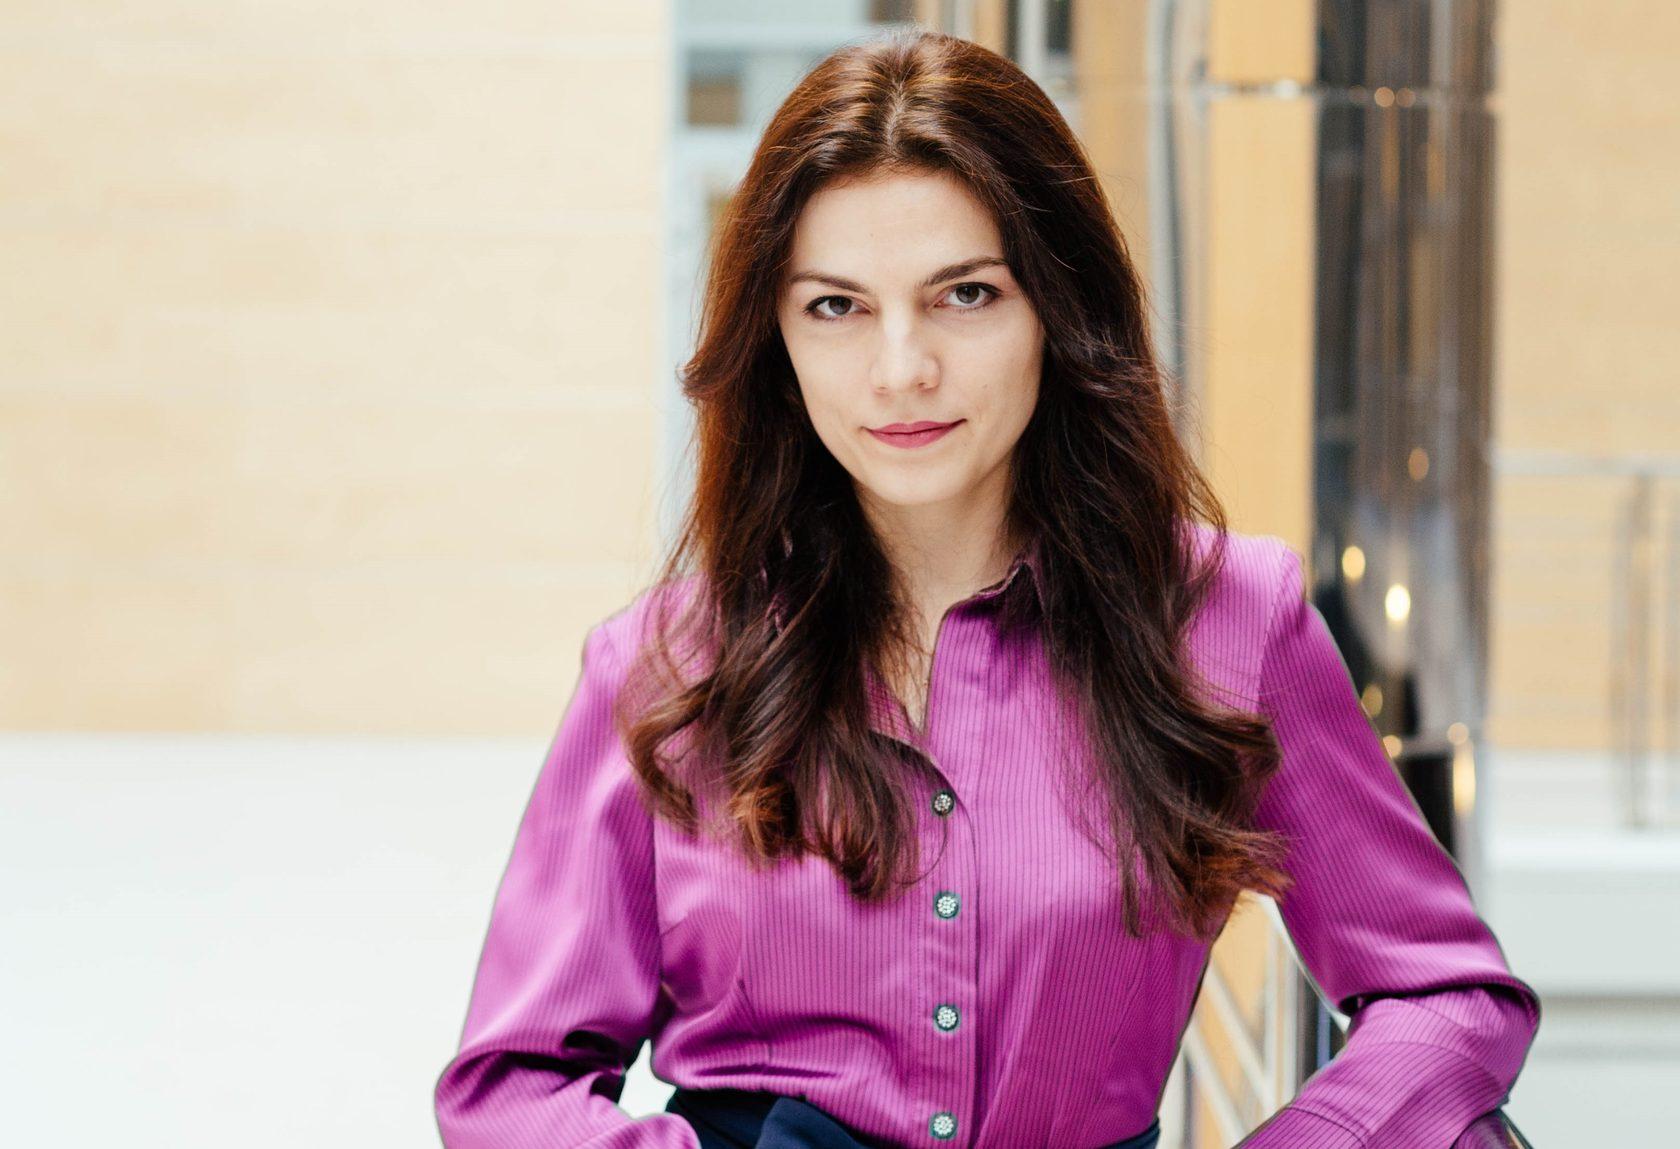 Ульяна иванова работа в курске для девушки с юридическим образованием